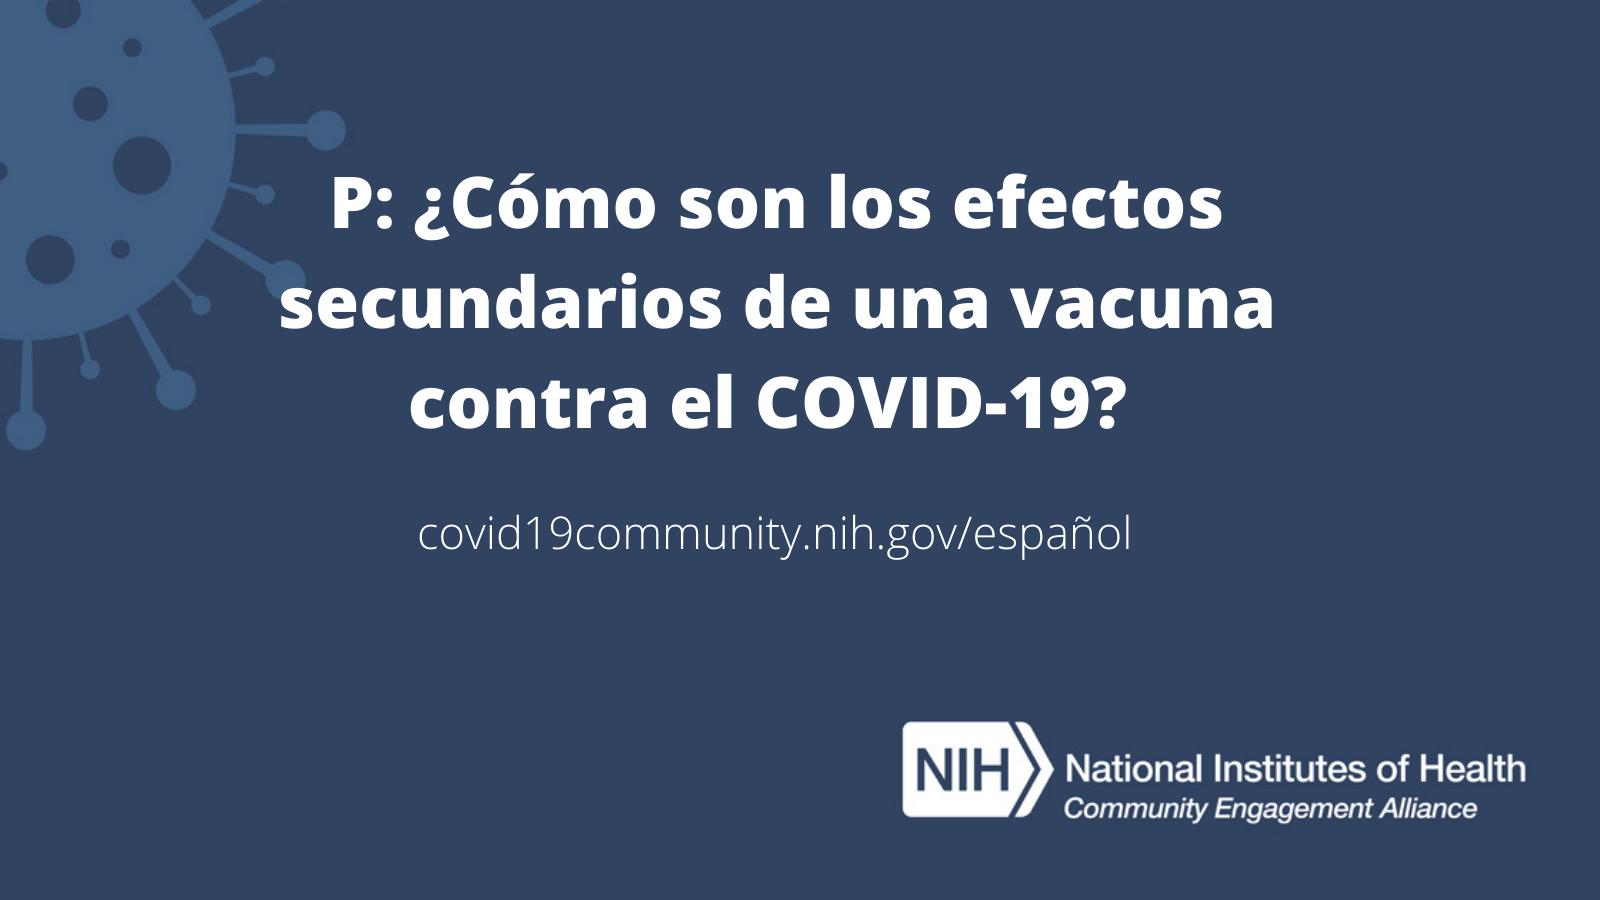 P: ¿Cómo son los efectos secundarios de una vacuna contra el COVID-19?